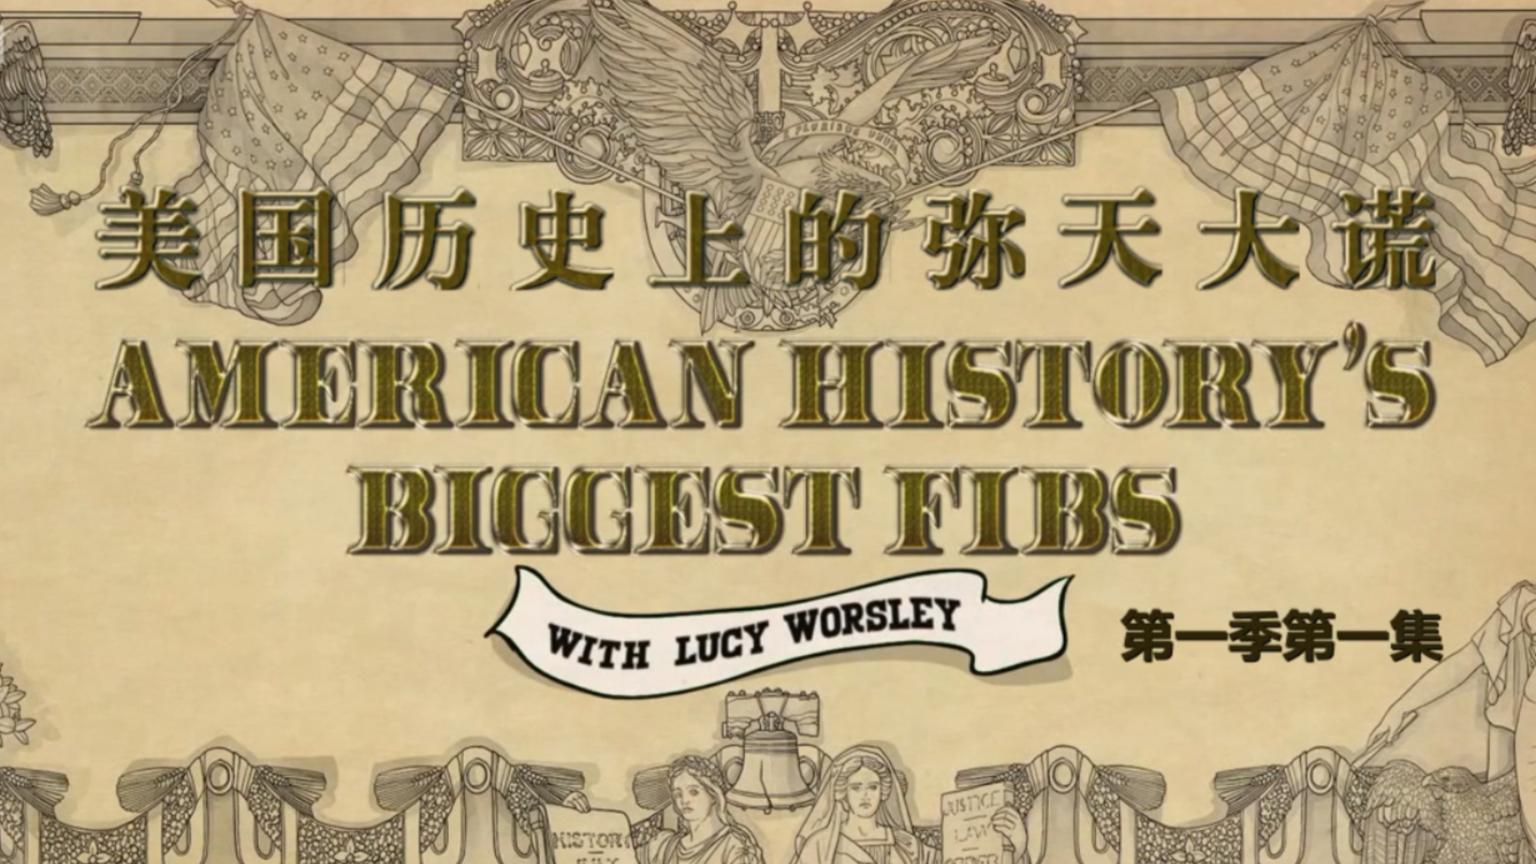 【纪录片】美国历史上的弥天大谎 三集全【中英双语特效字幕】【冰冰字幕组】